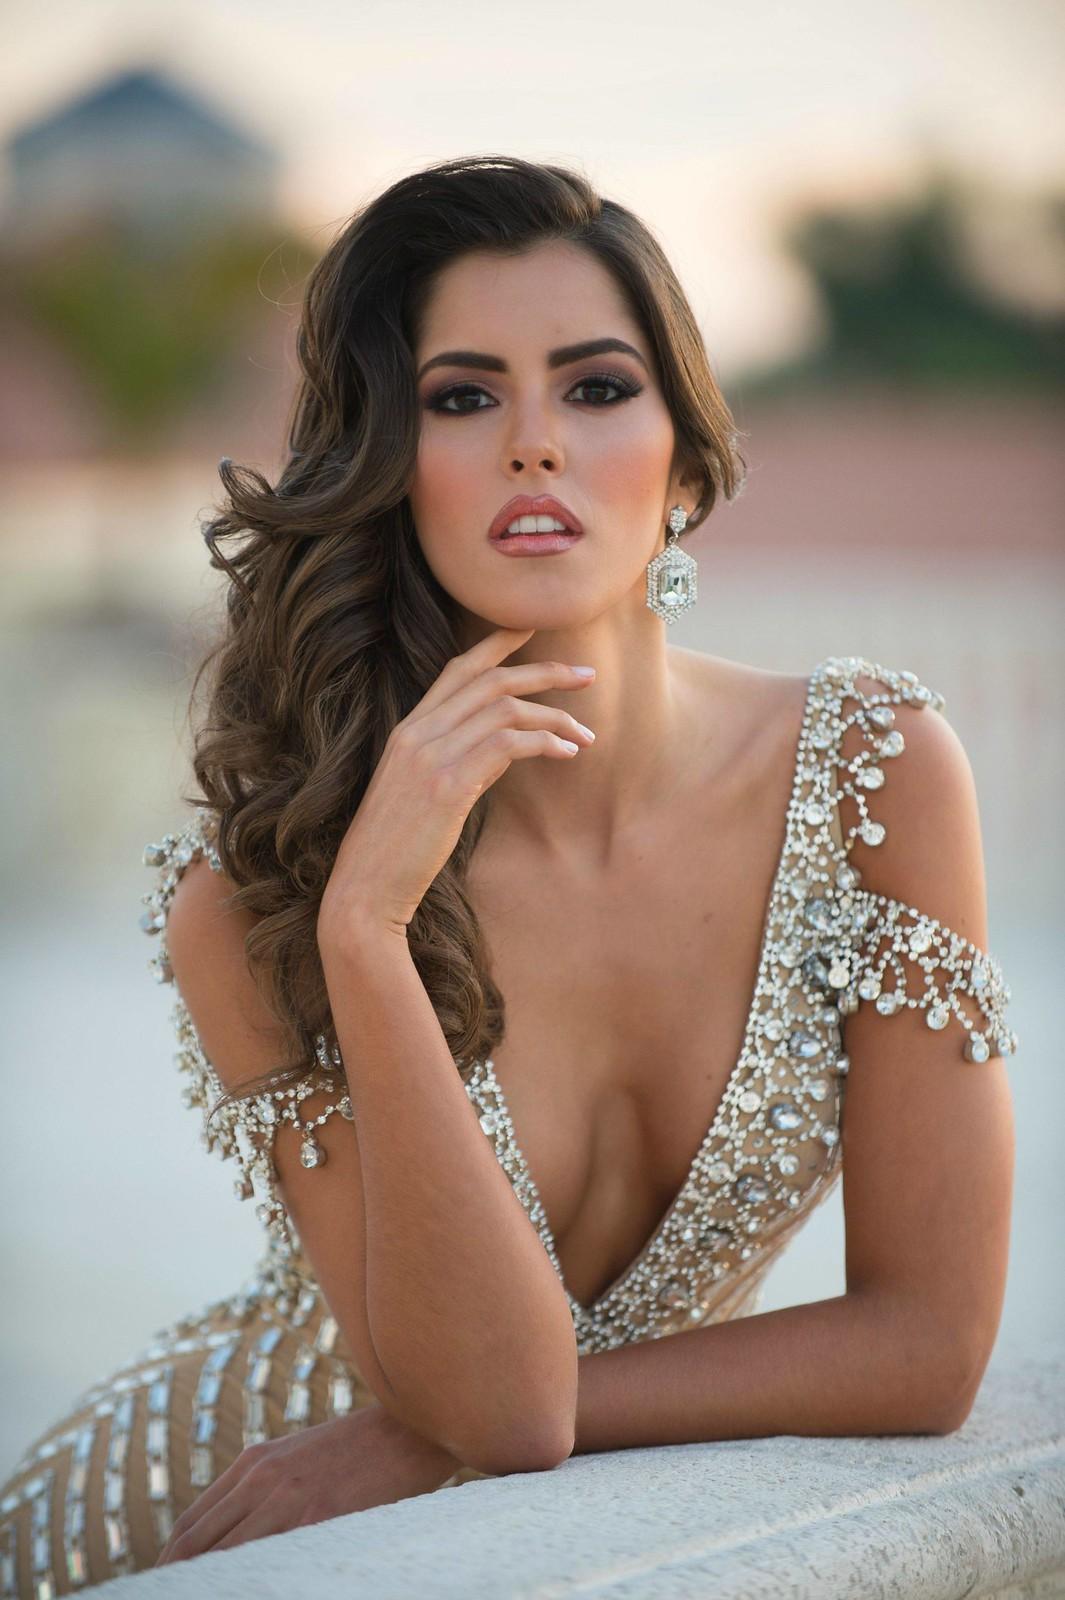 Фото | Паулина Вега в откровенном платье